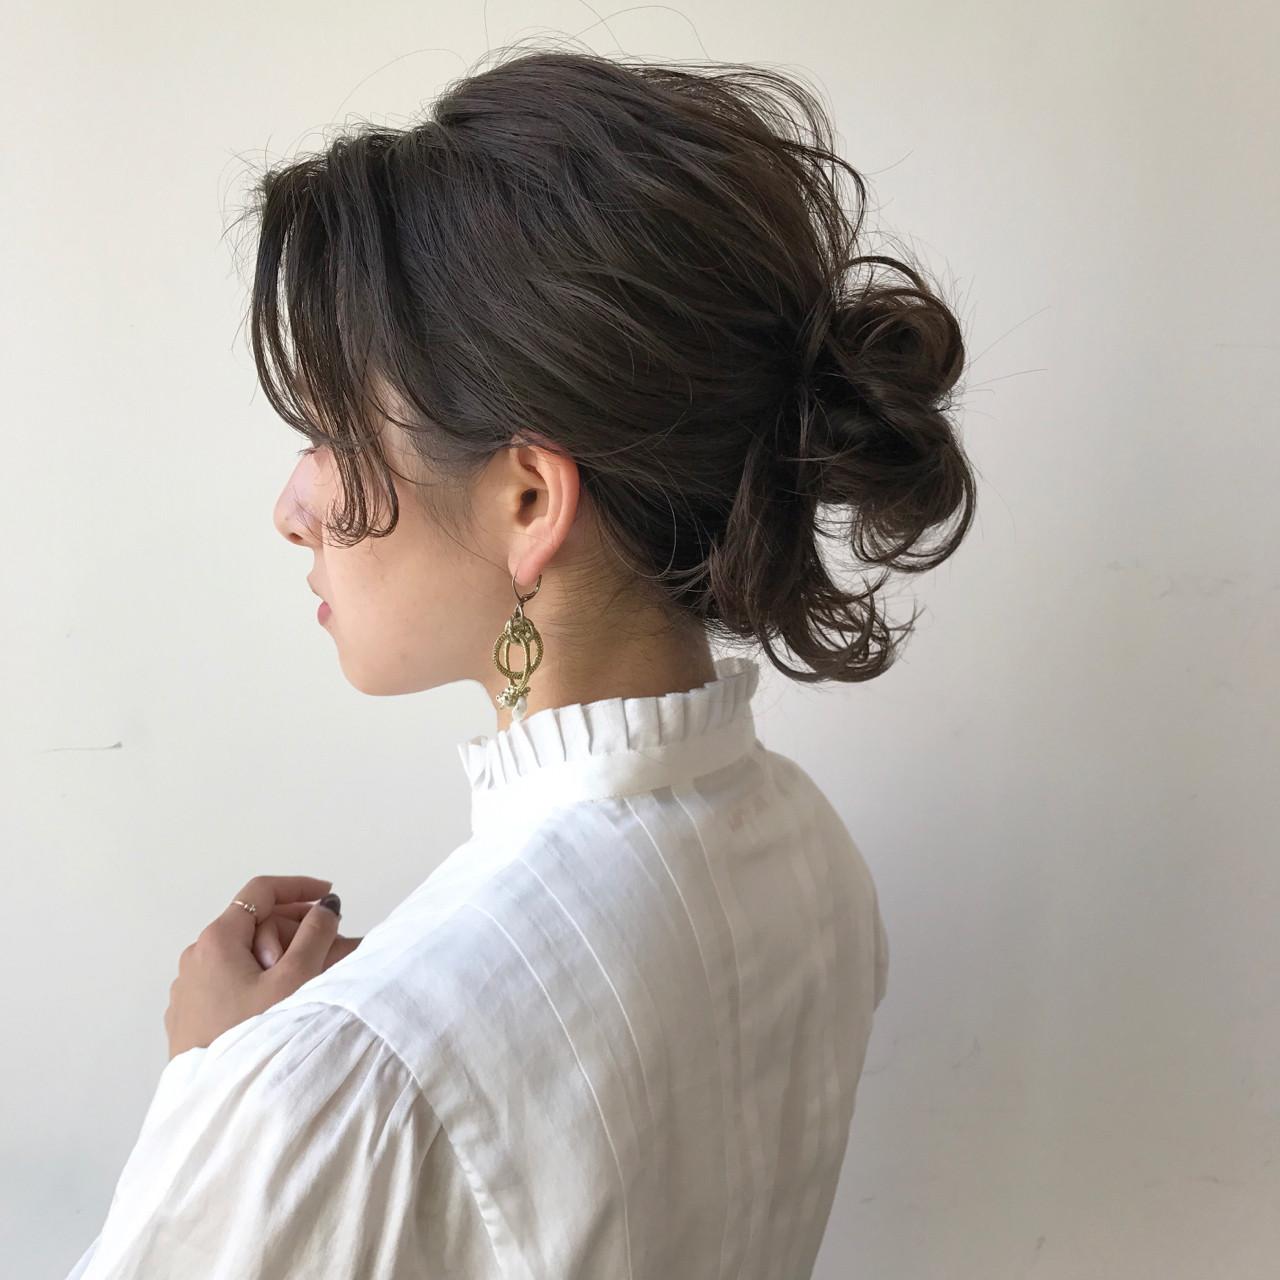 ミディアム ハーフアップ フリンジバング アッシュ ヘアスタイルや髪型の写真・画像